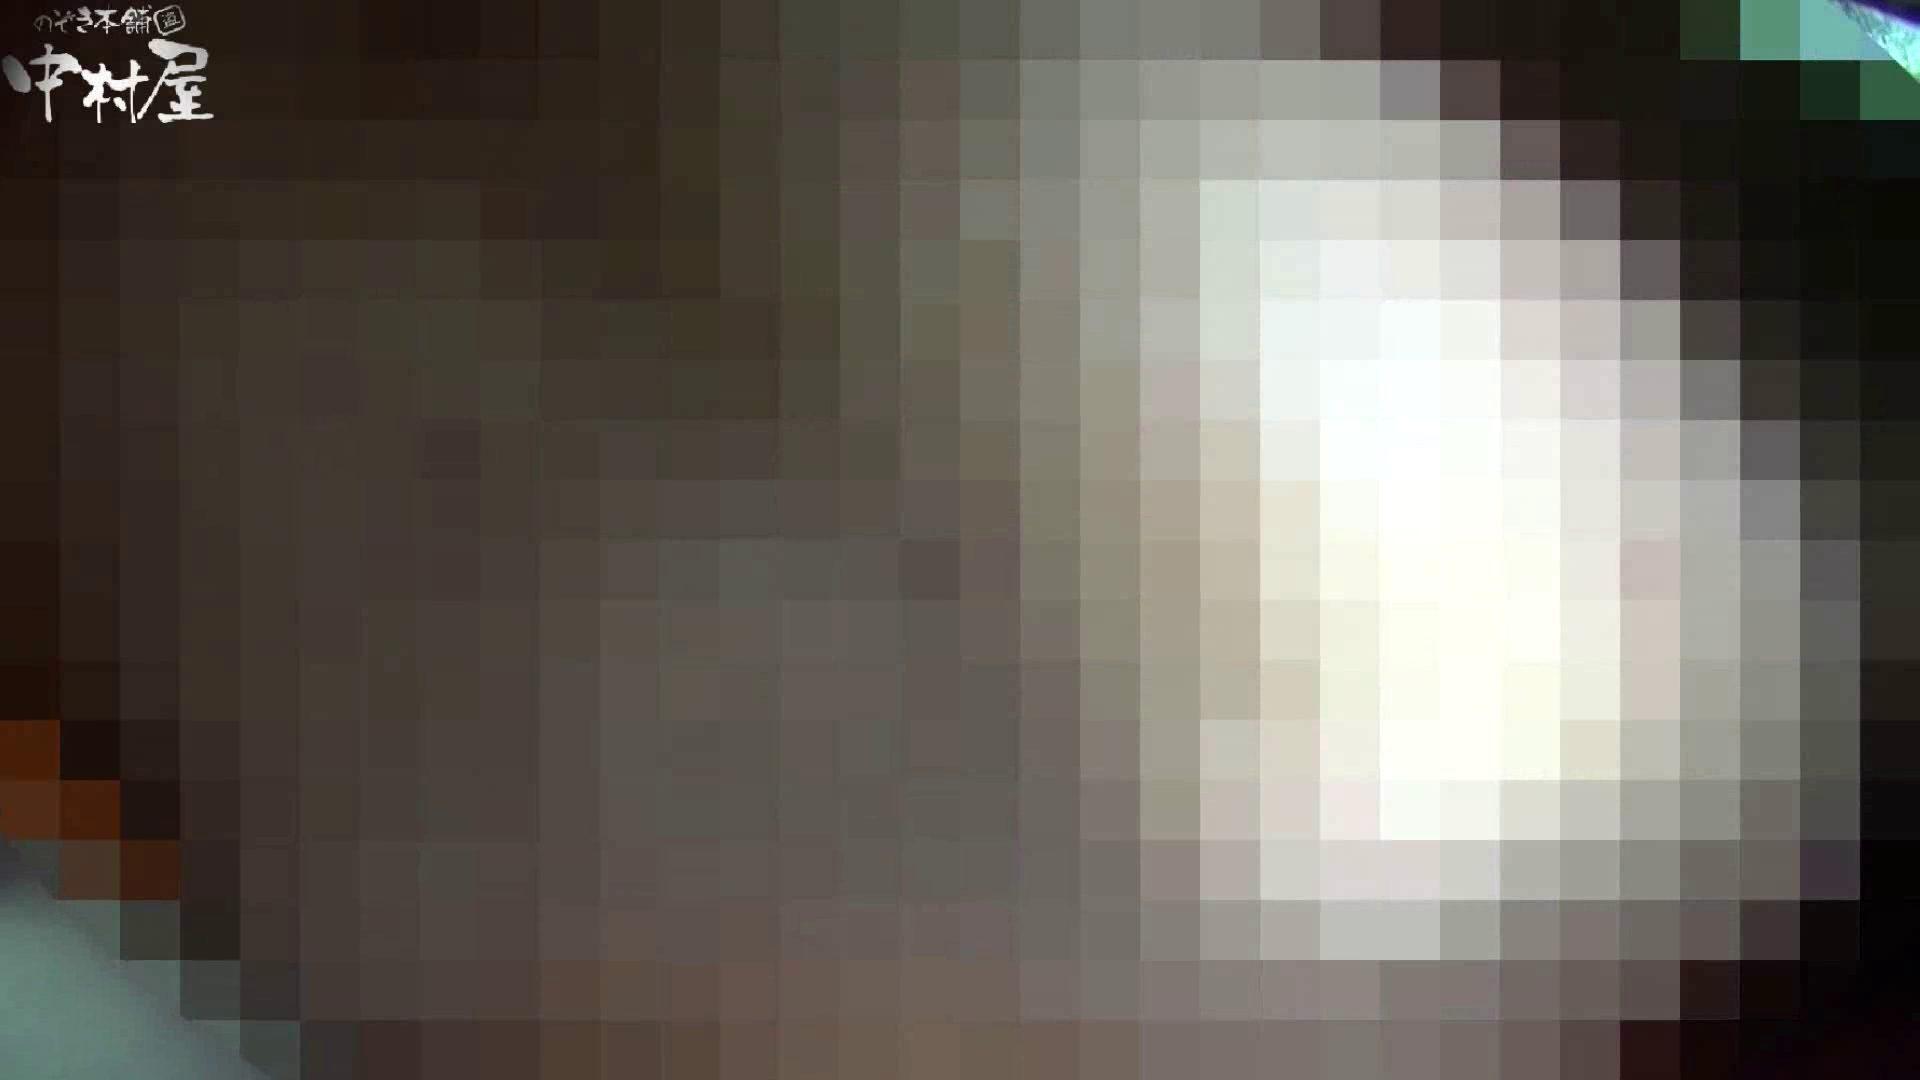 ネムリ姫 vol.73後編 ぱっくり下半身 隠し撮りオマンコ動画紹介 84画像 52